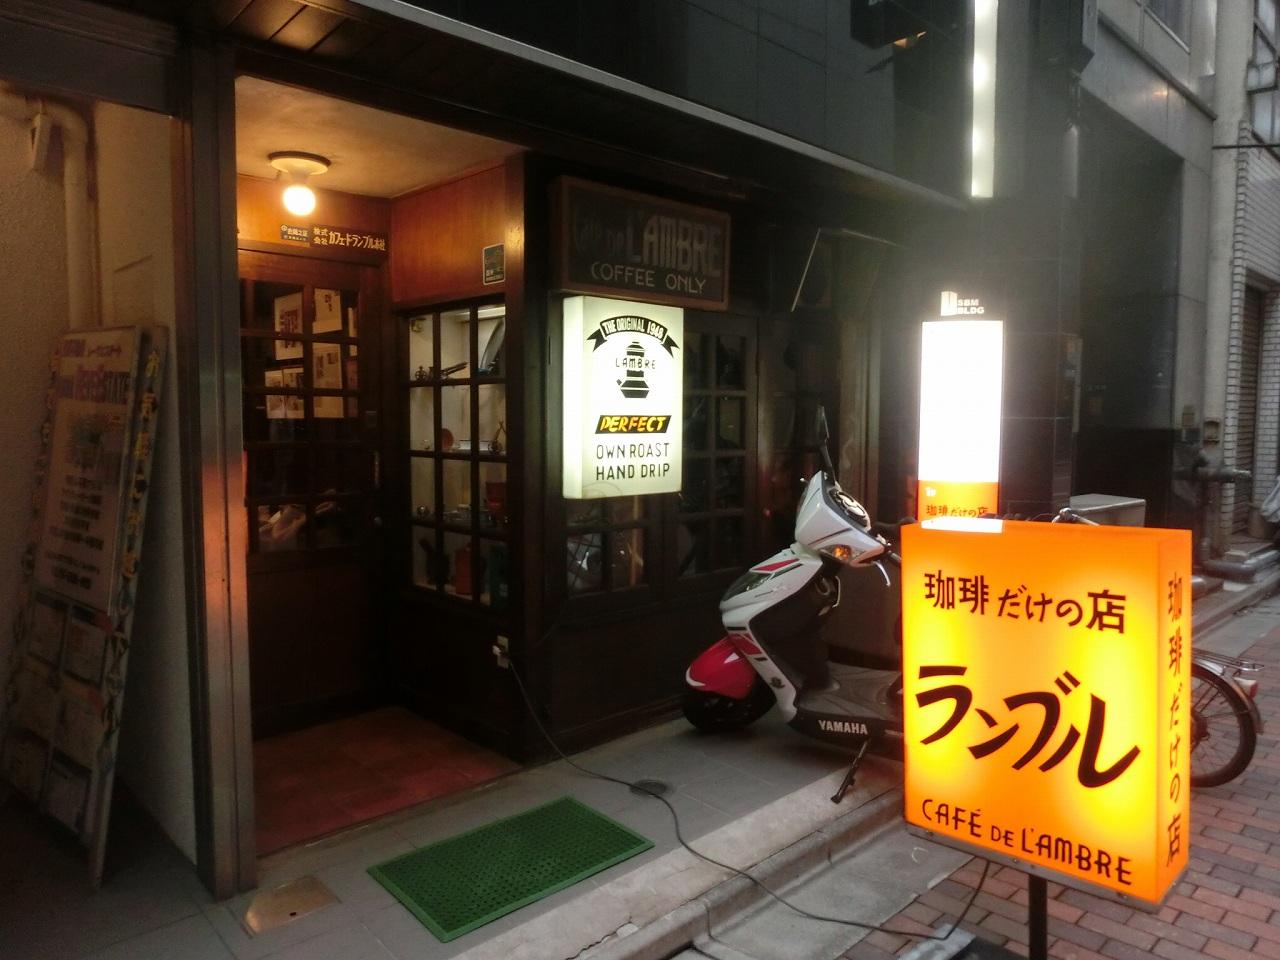 CAFE DE LAMBRE 4枚目の画像